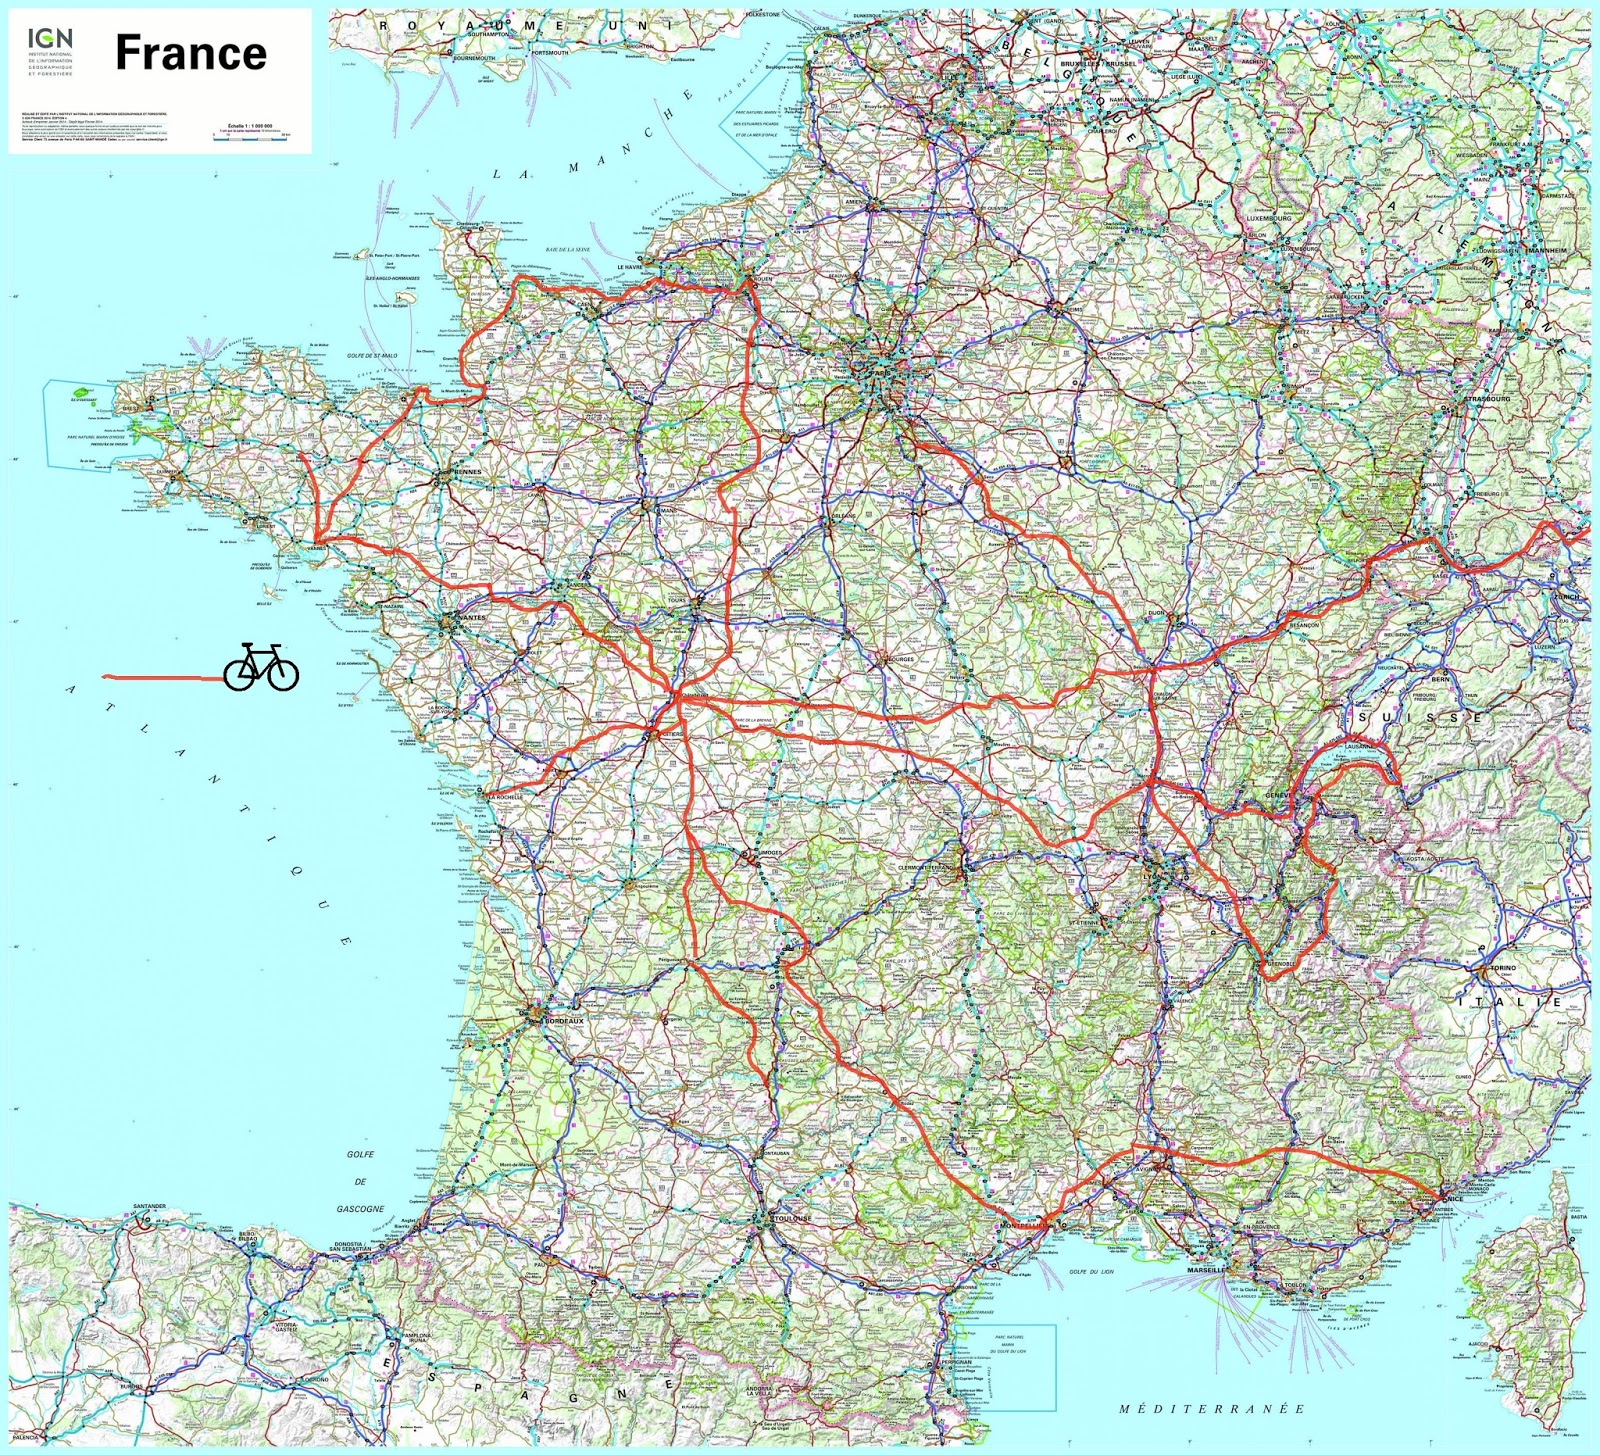 Connu AUTOUR DU MONDE .Les Voyages à Vélo dans le monde de Velomad ES51